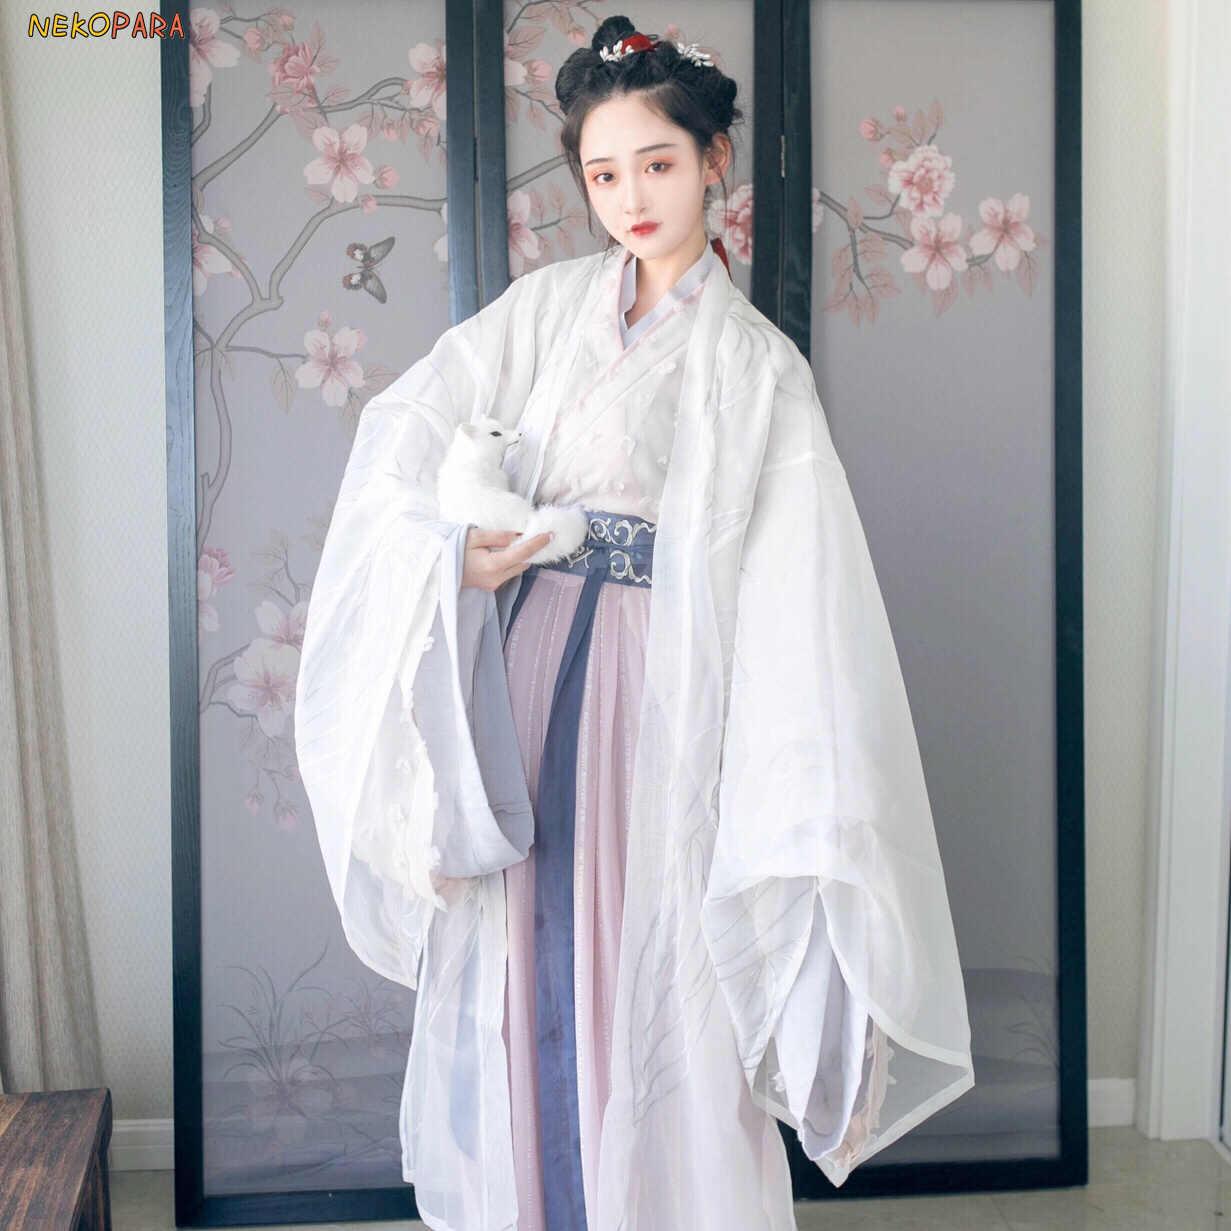 Angelica Bella Fotos angelica bella delle donne di stile cinese dell'annata